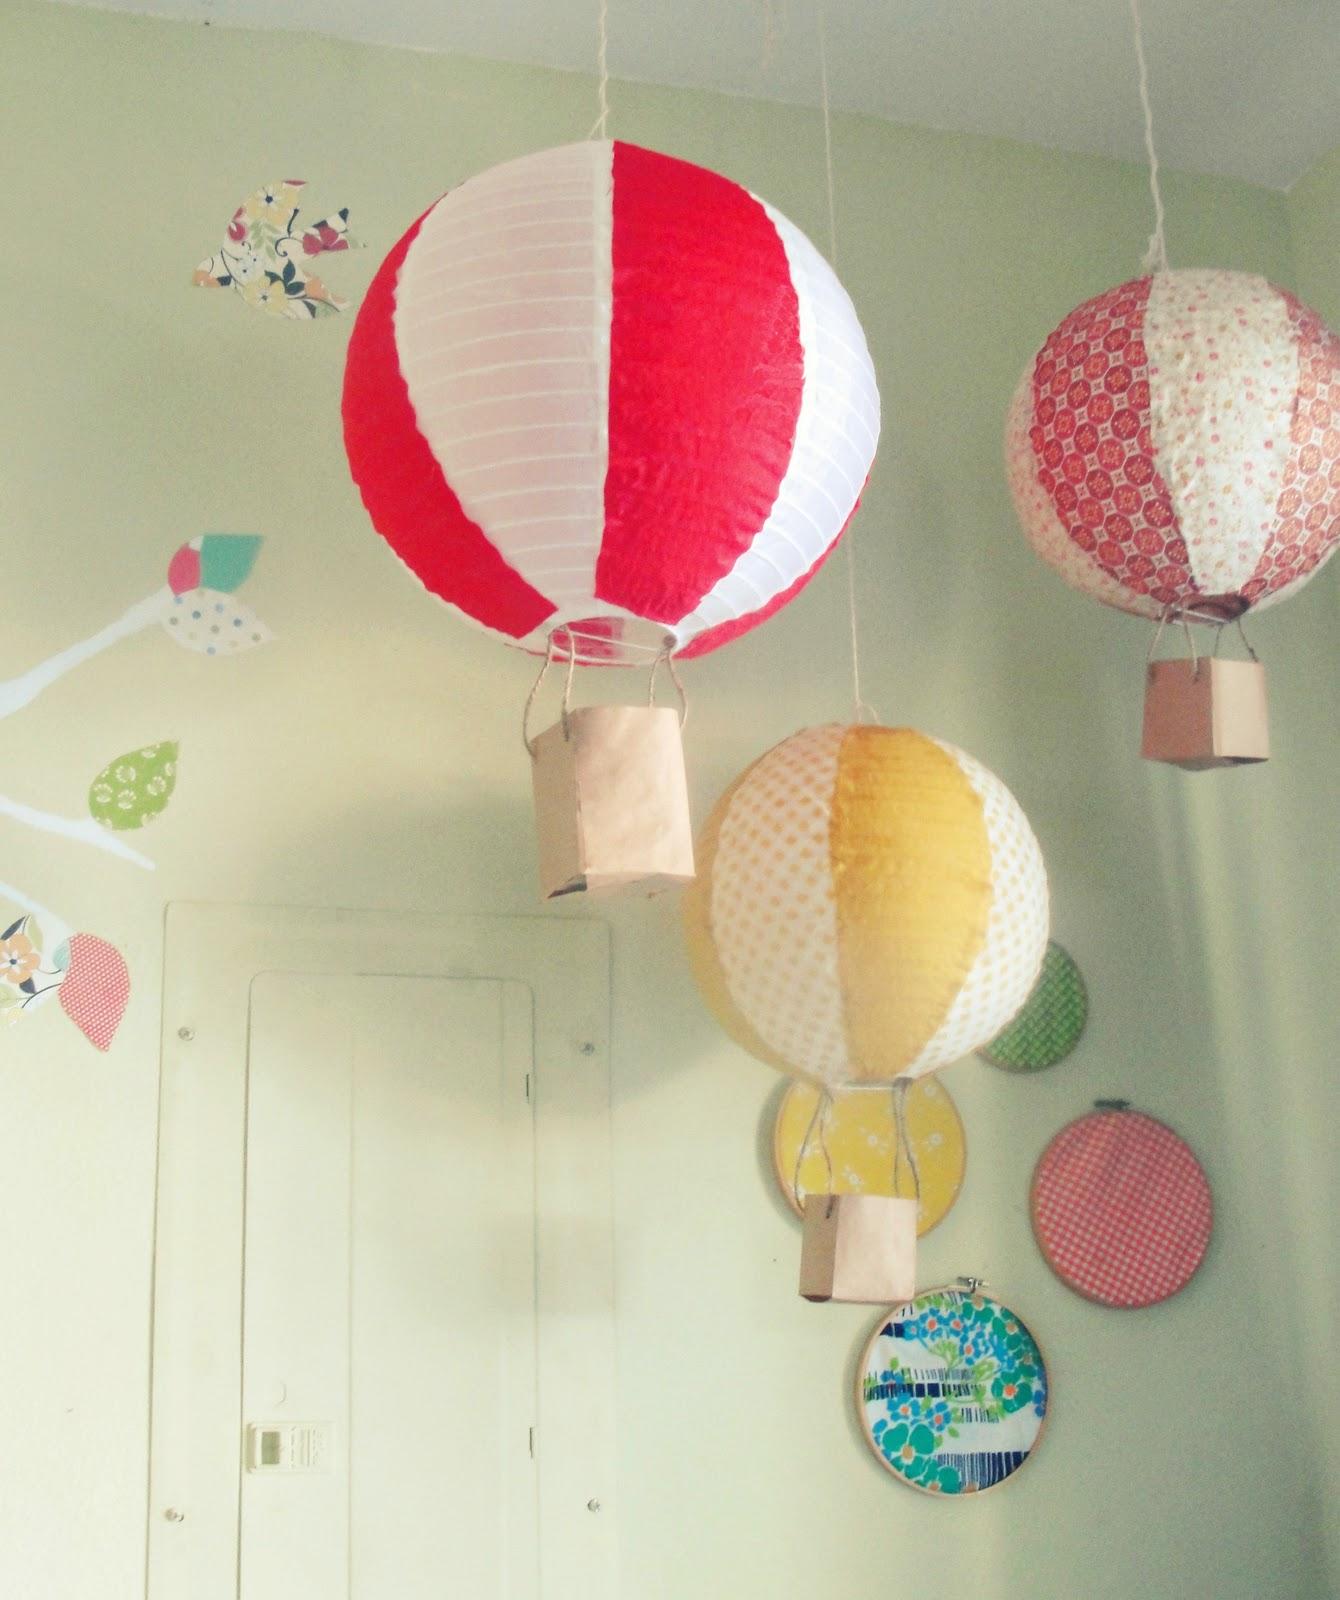 Как сделать шар воздушный шар из бумаги